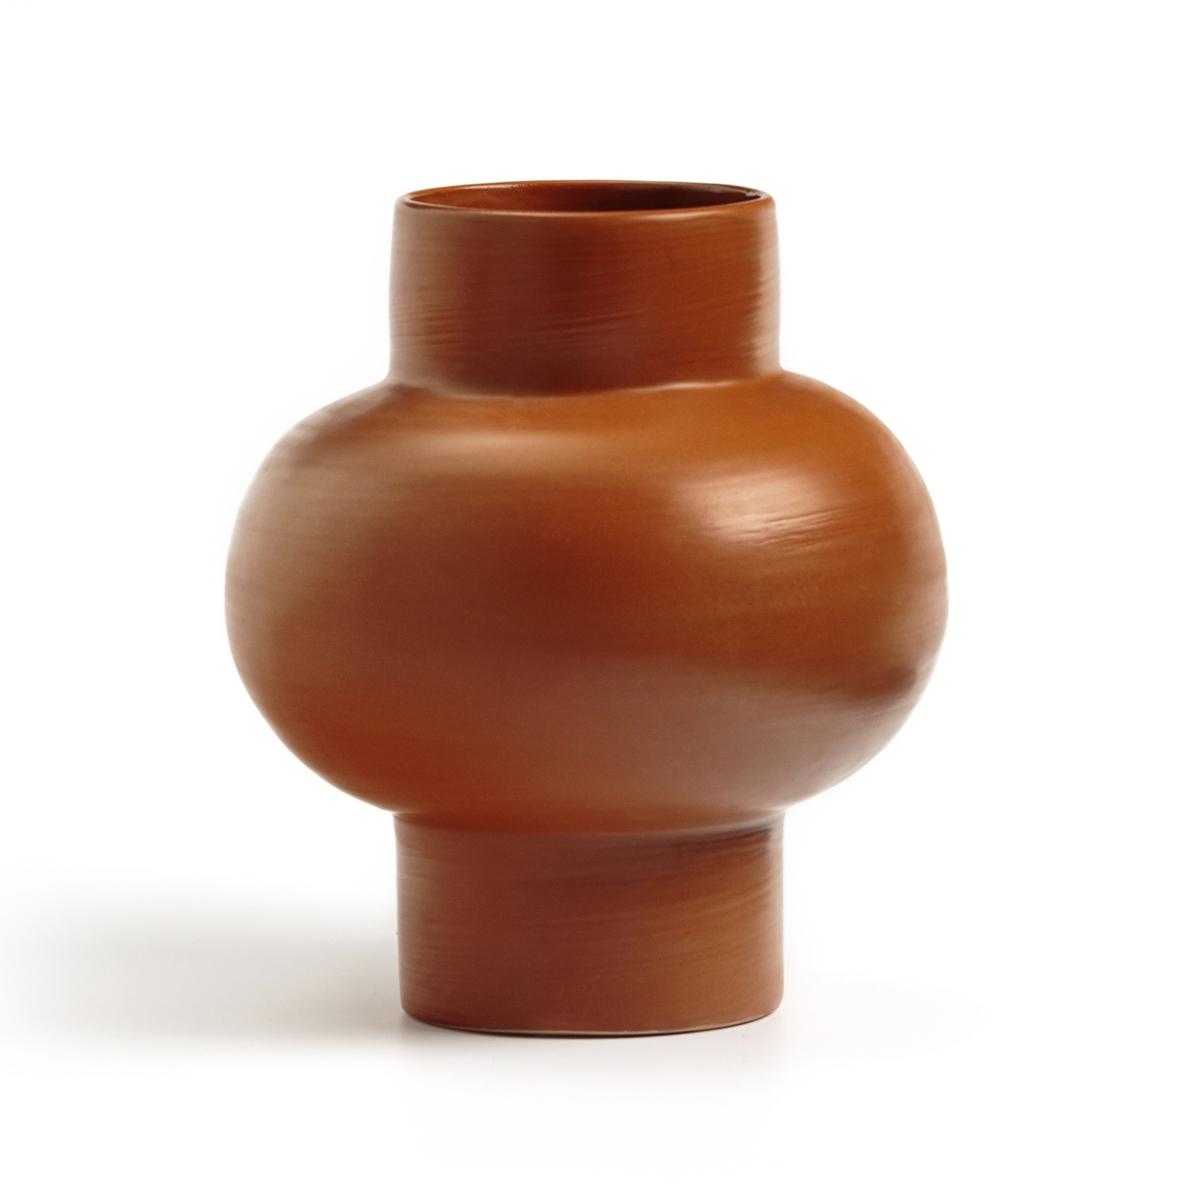 Ваза La Redoute Из керамики В см Santos единый размер каштановый кашпо la redoute в см florian единый размер каштановый